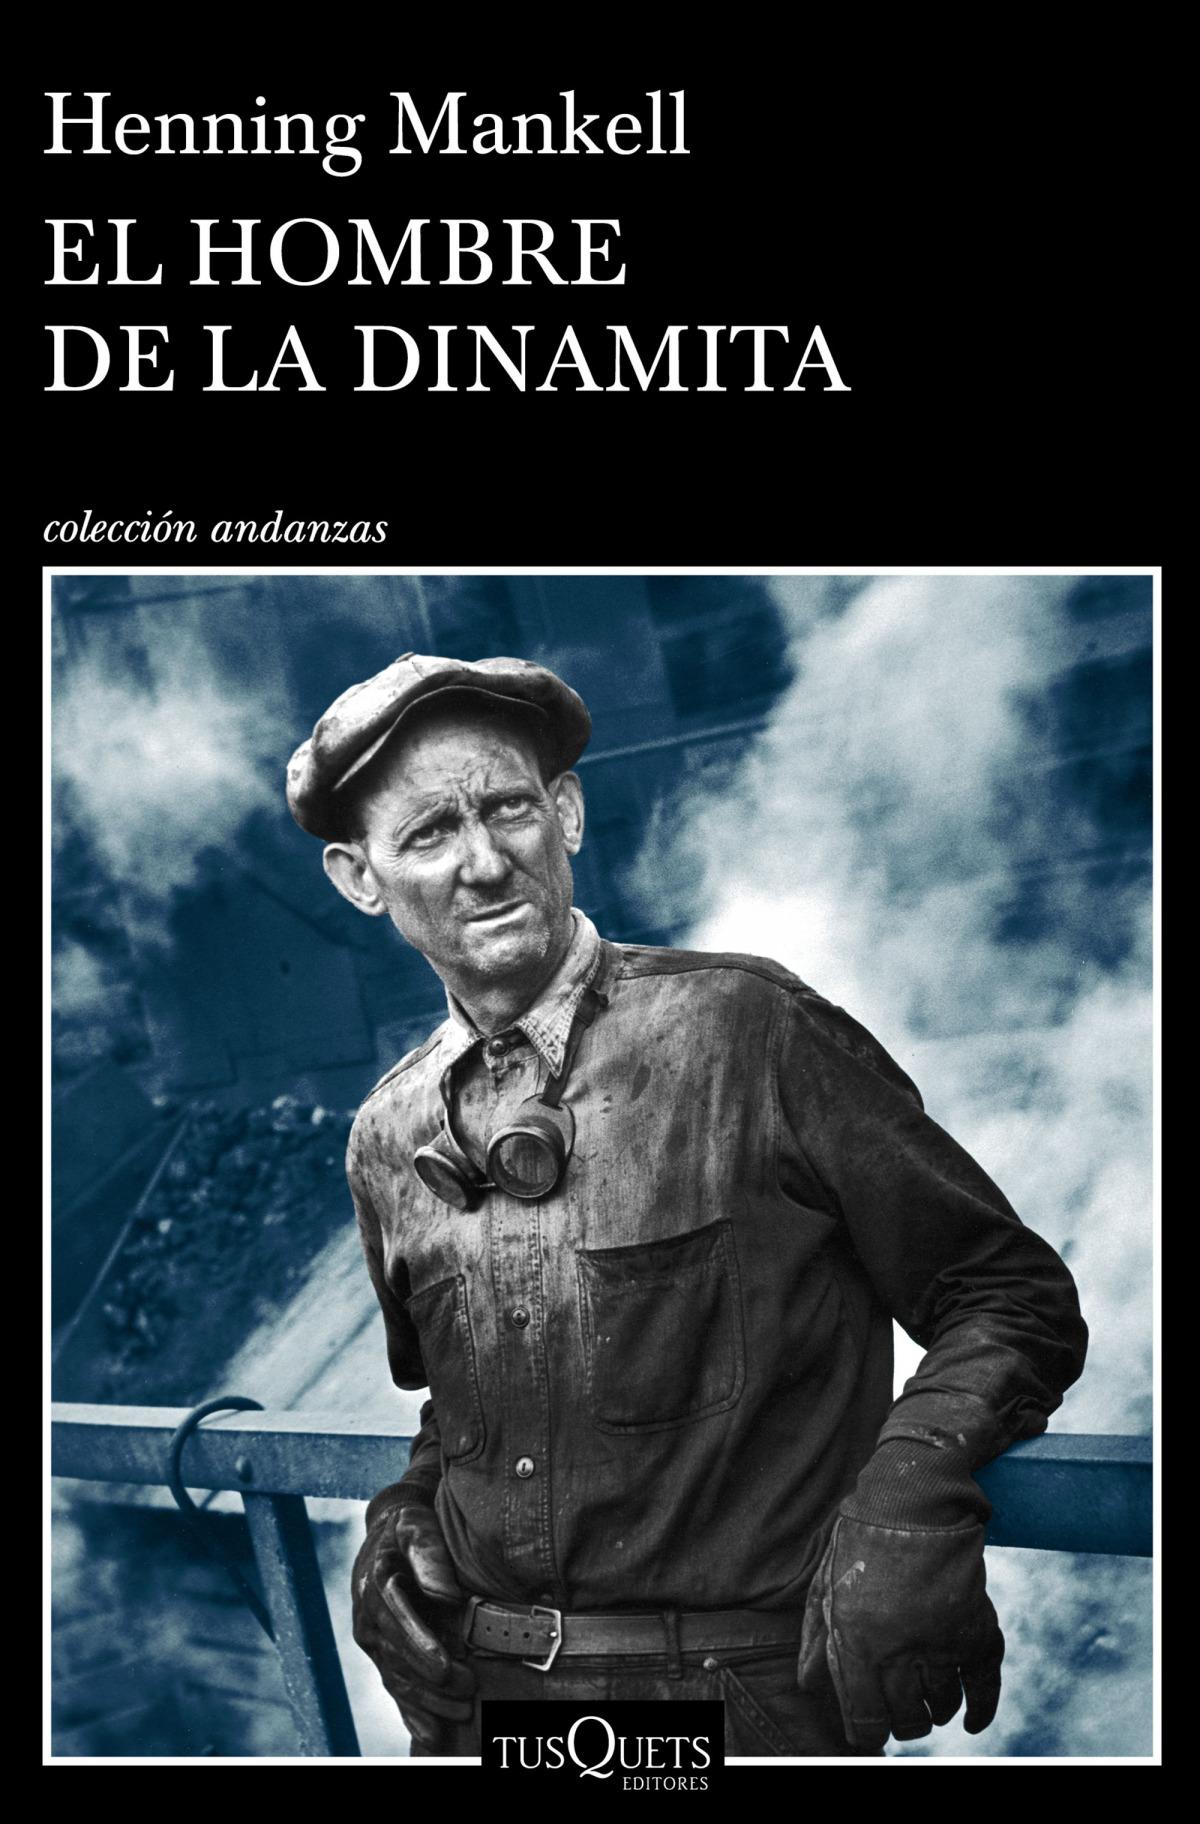 EL HOMBRE DE LA DINAMITA 9788490665725